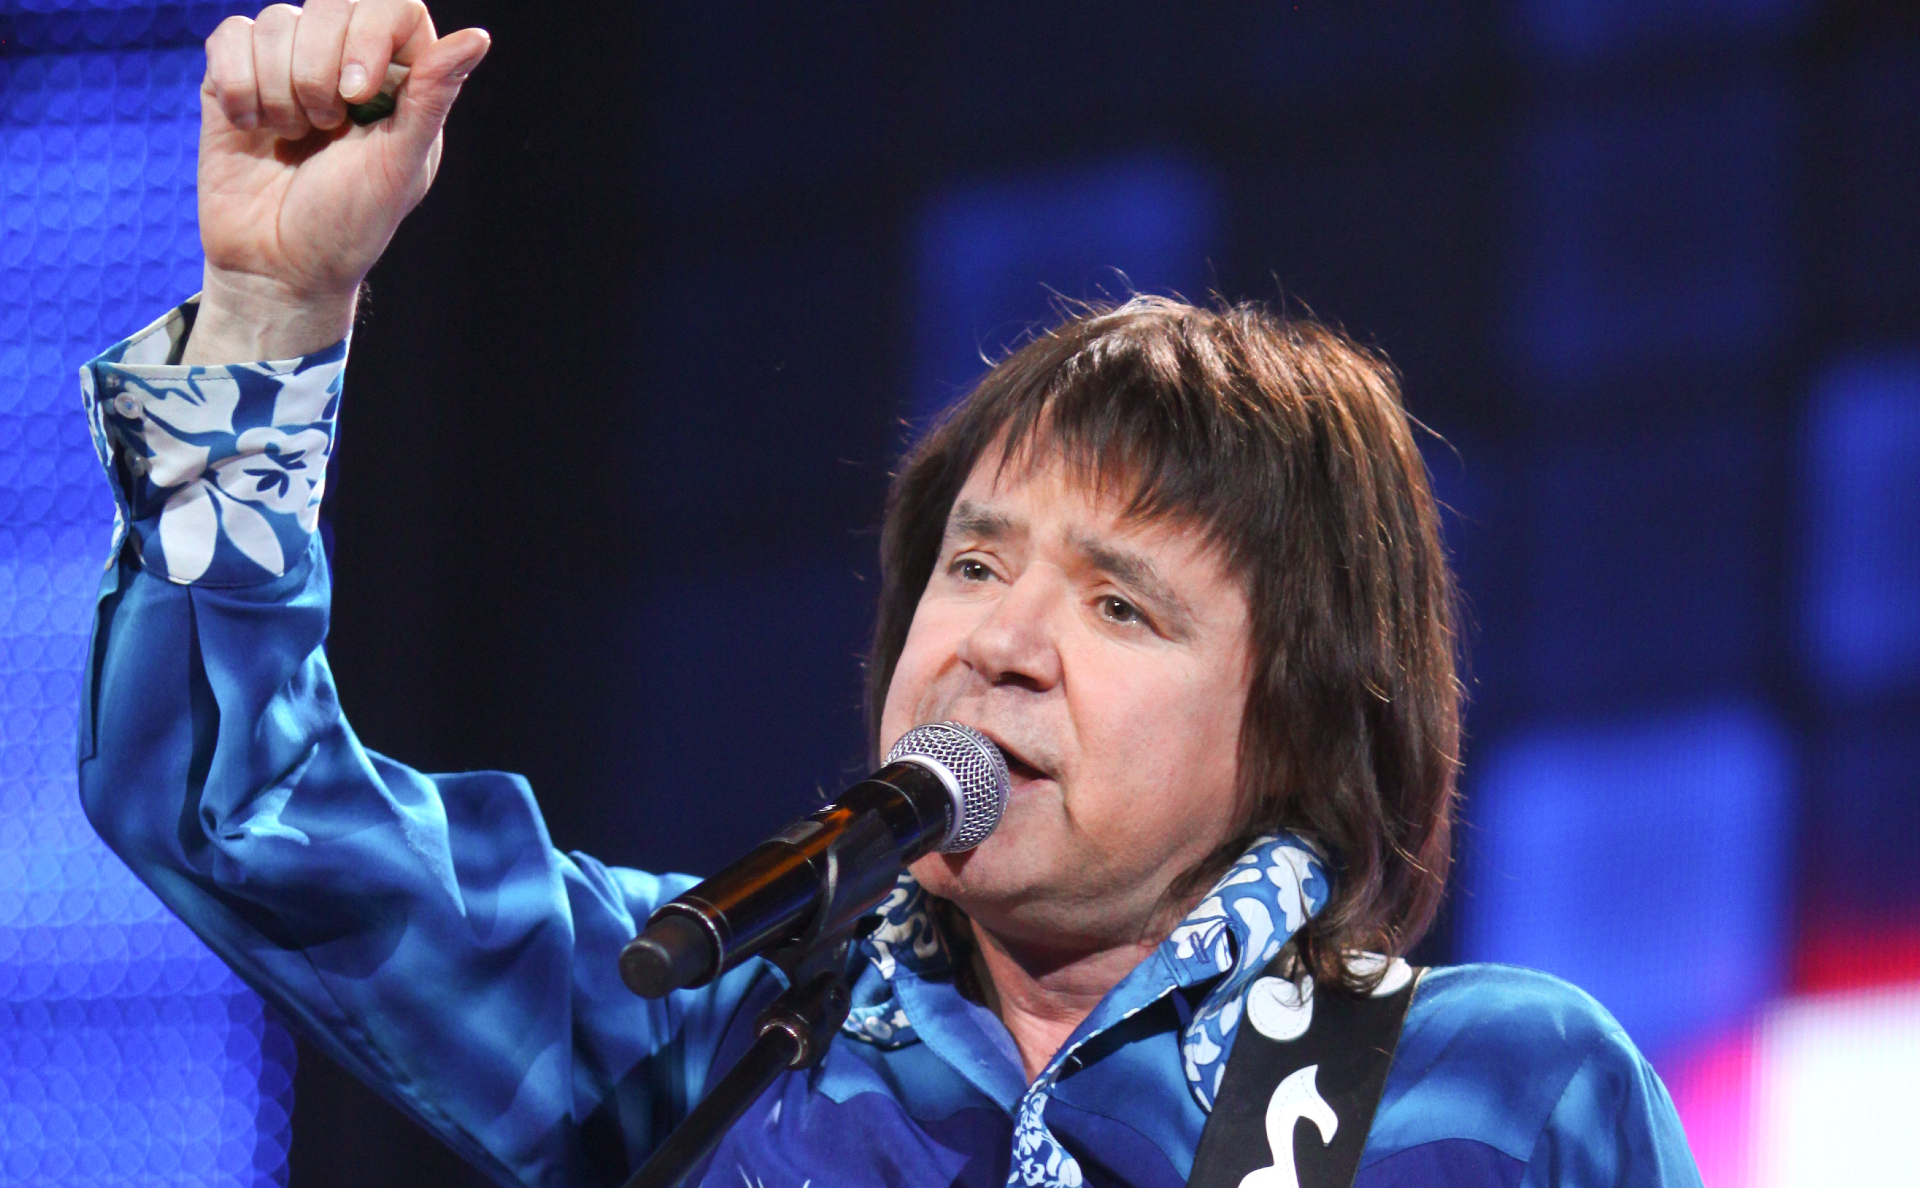 Скончался певец Евгений Осин, ему было 54 года